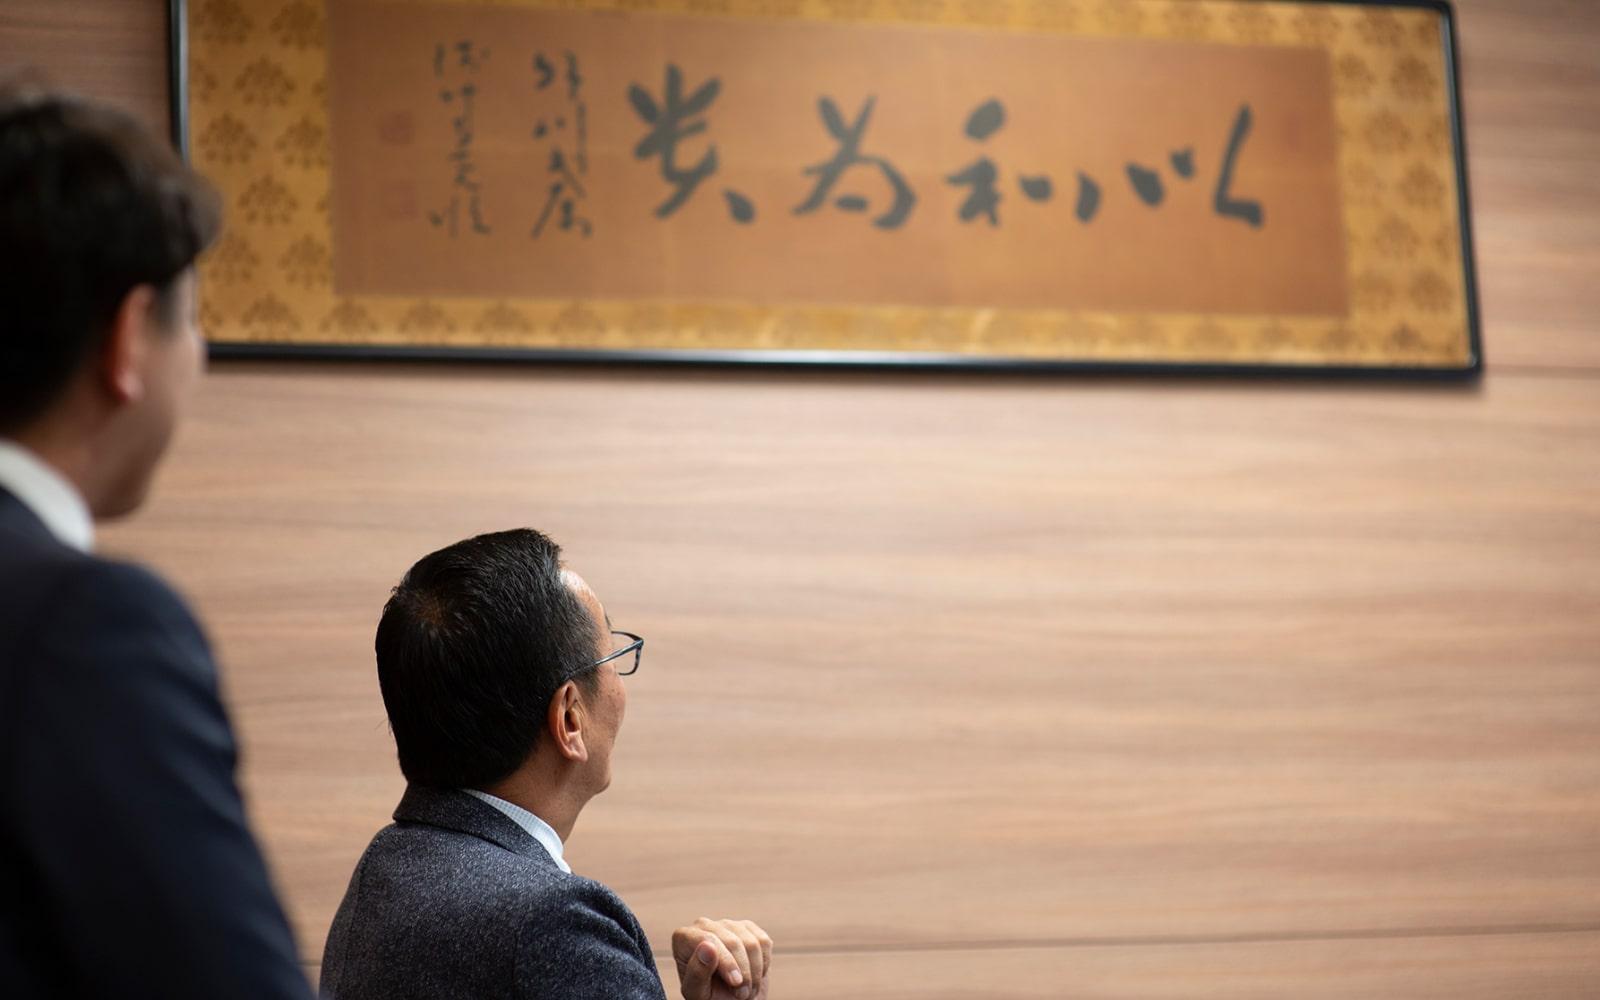 株式会社ボンマックス様の応接間に飾られた「和をもって尊しとなす」